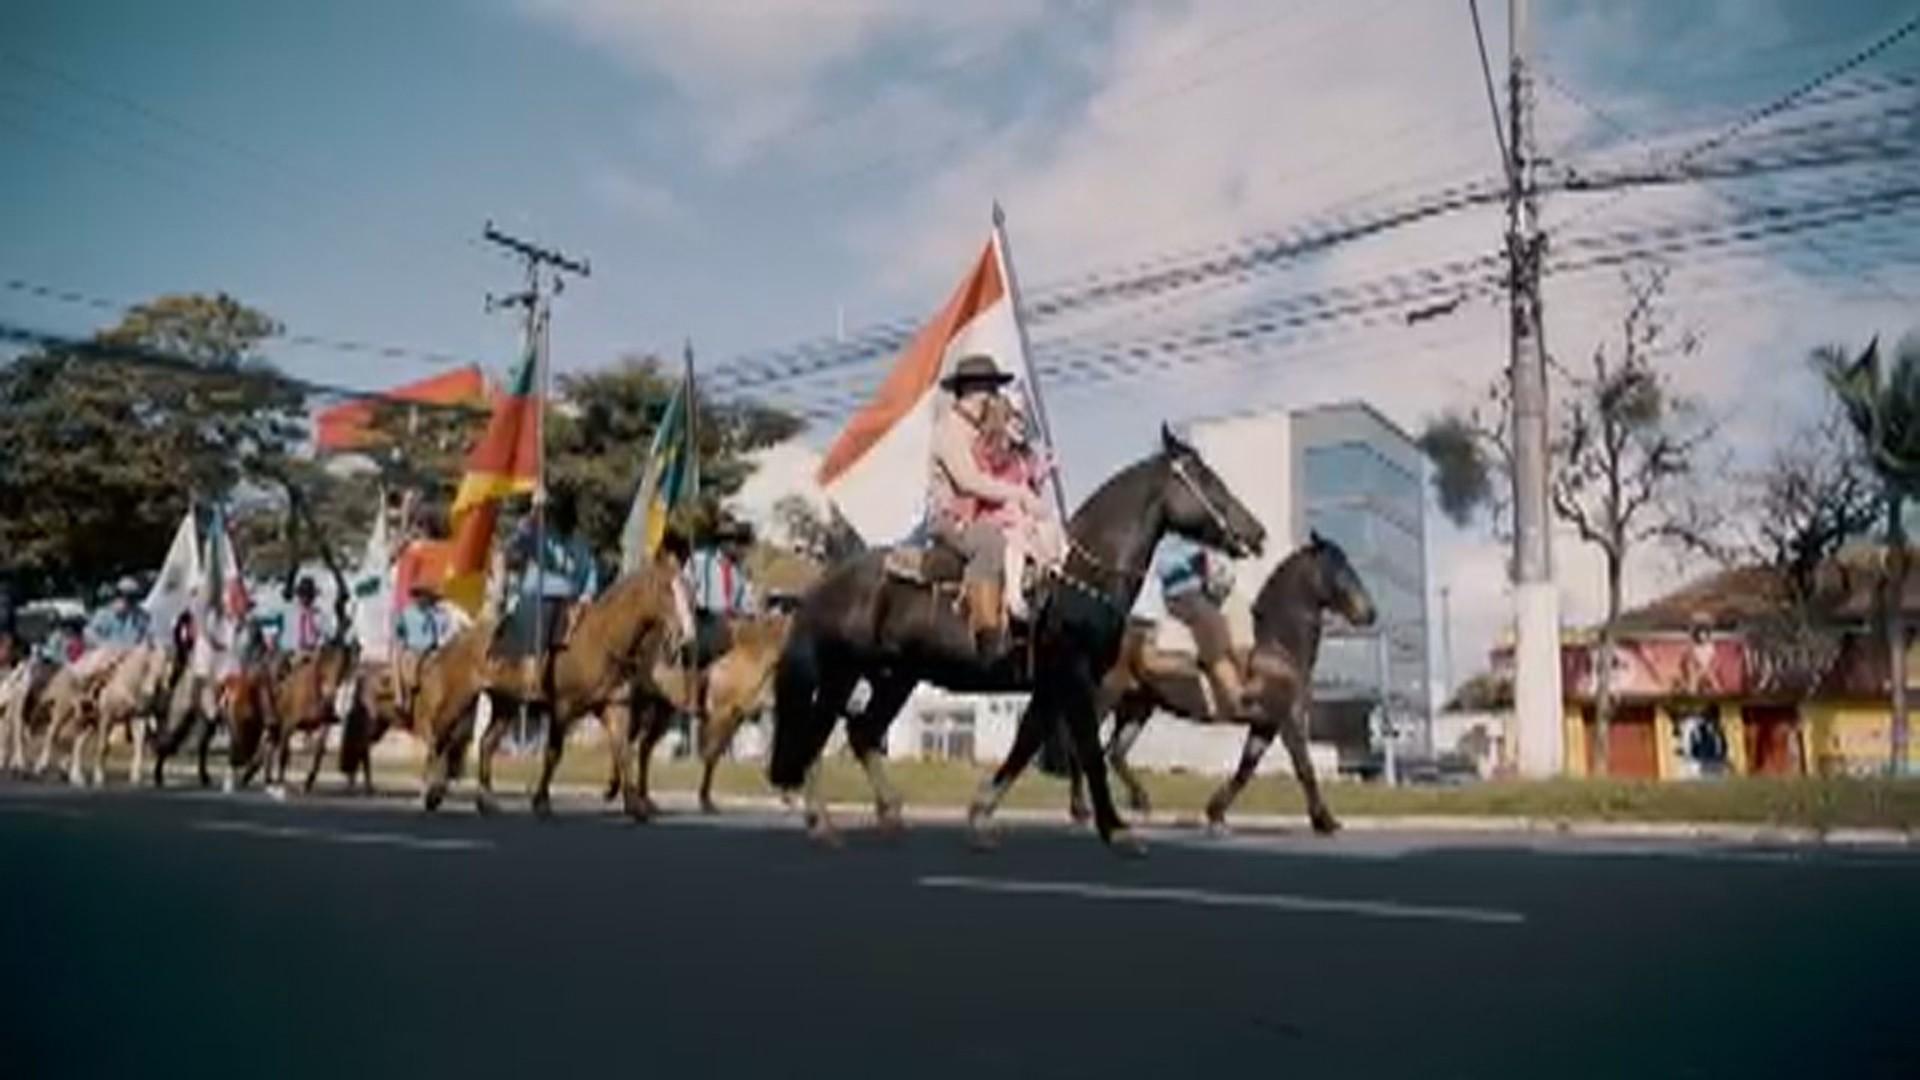 Mesmo sem autorização, cavalgadas e desfiles marcam o 20 de setembro no RS